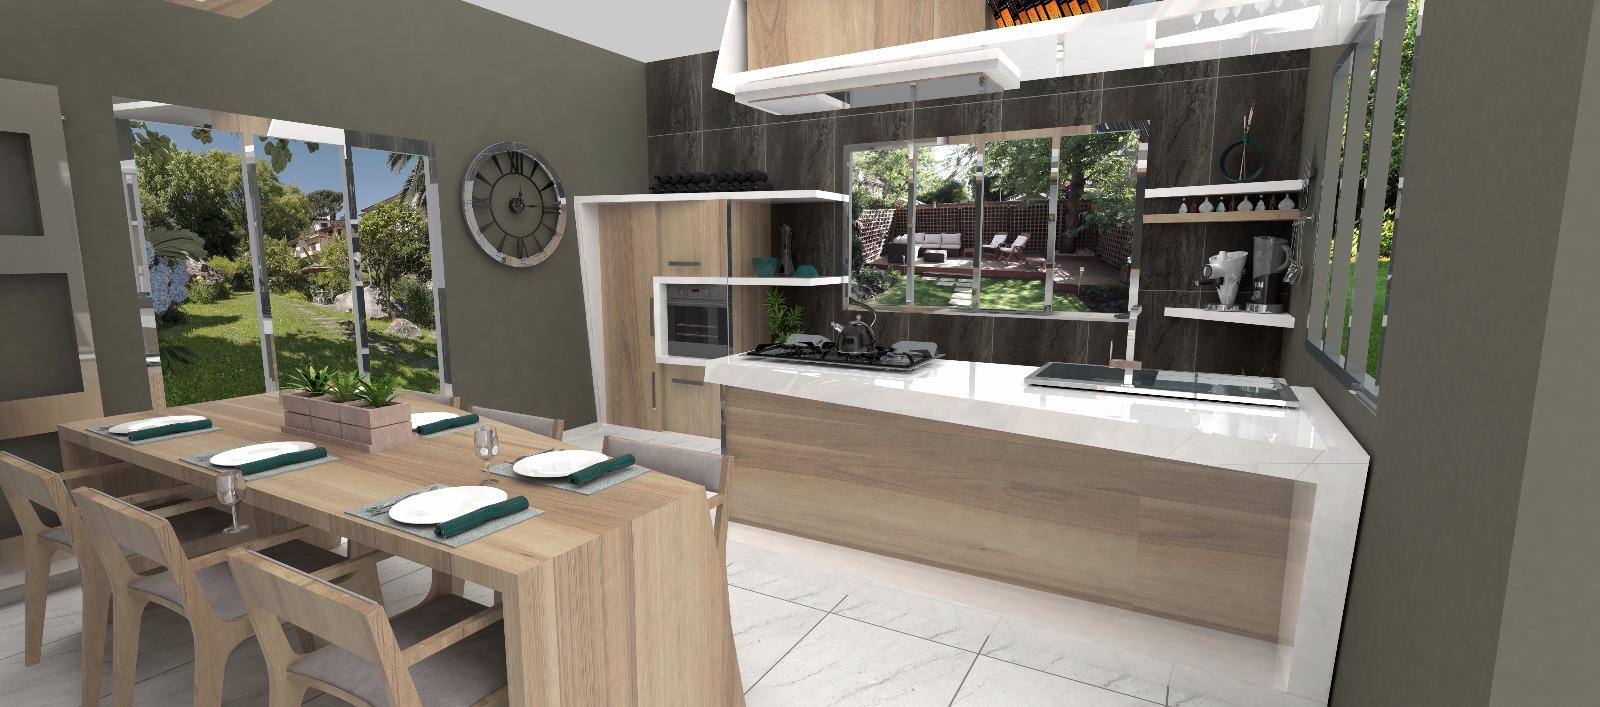 Stil-casa-belsito-arredo-cucine-scale-cosenza-bbls-group-arredamento-1